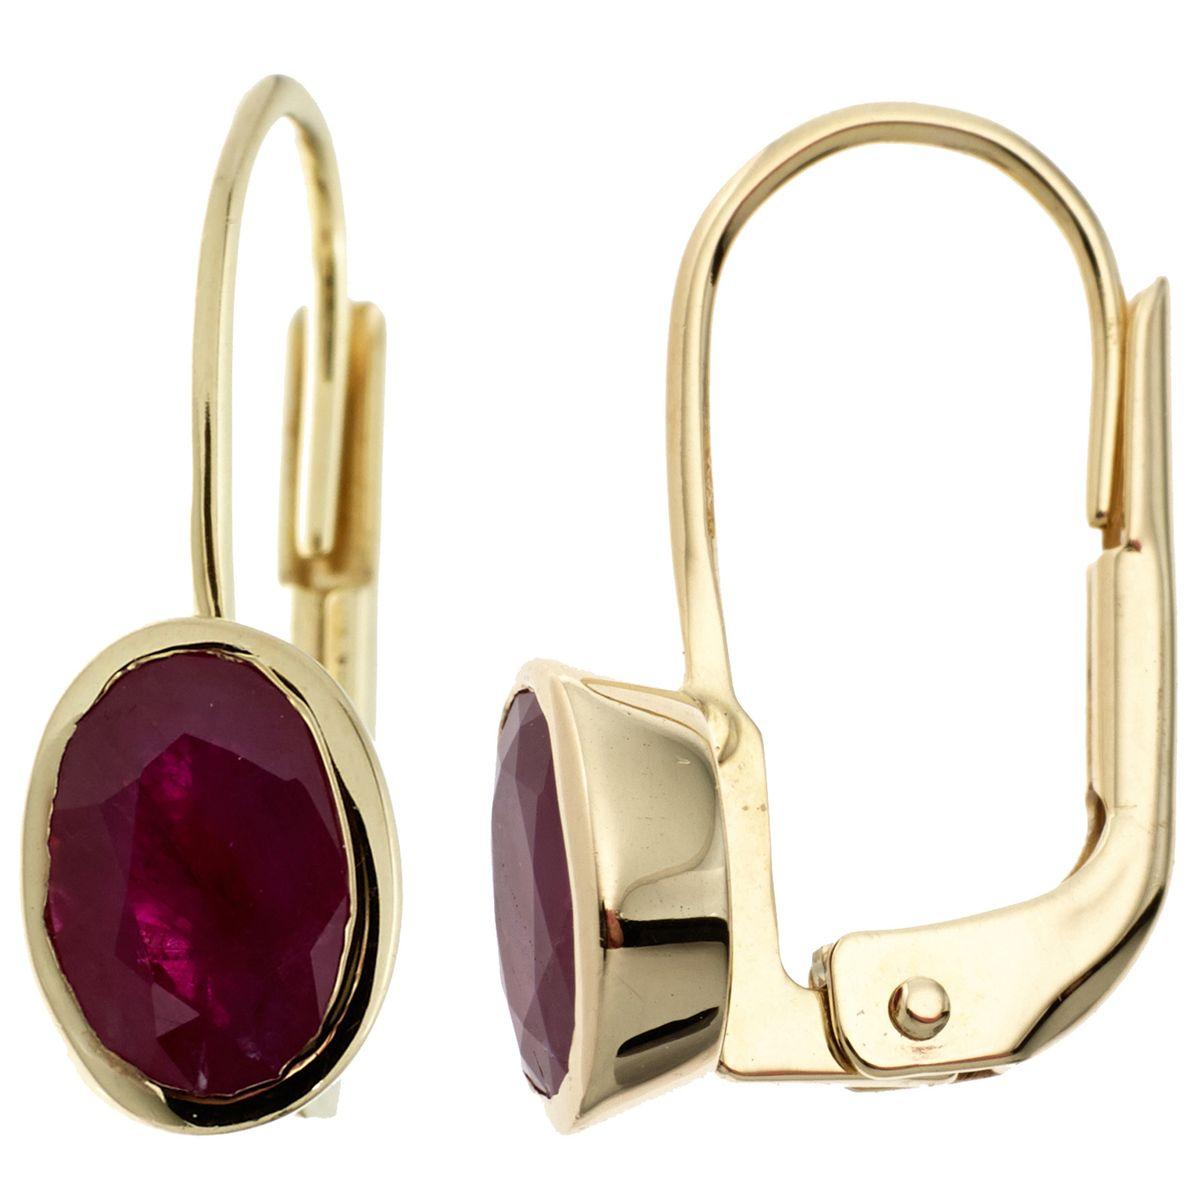 weltweite Auswahl an 100% Zufriedenheit geringster Preis Rubinohrringe Boutons 333 Gold Gelbgold 2 Rubine rot Ohrringe Ohrhänger